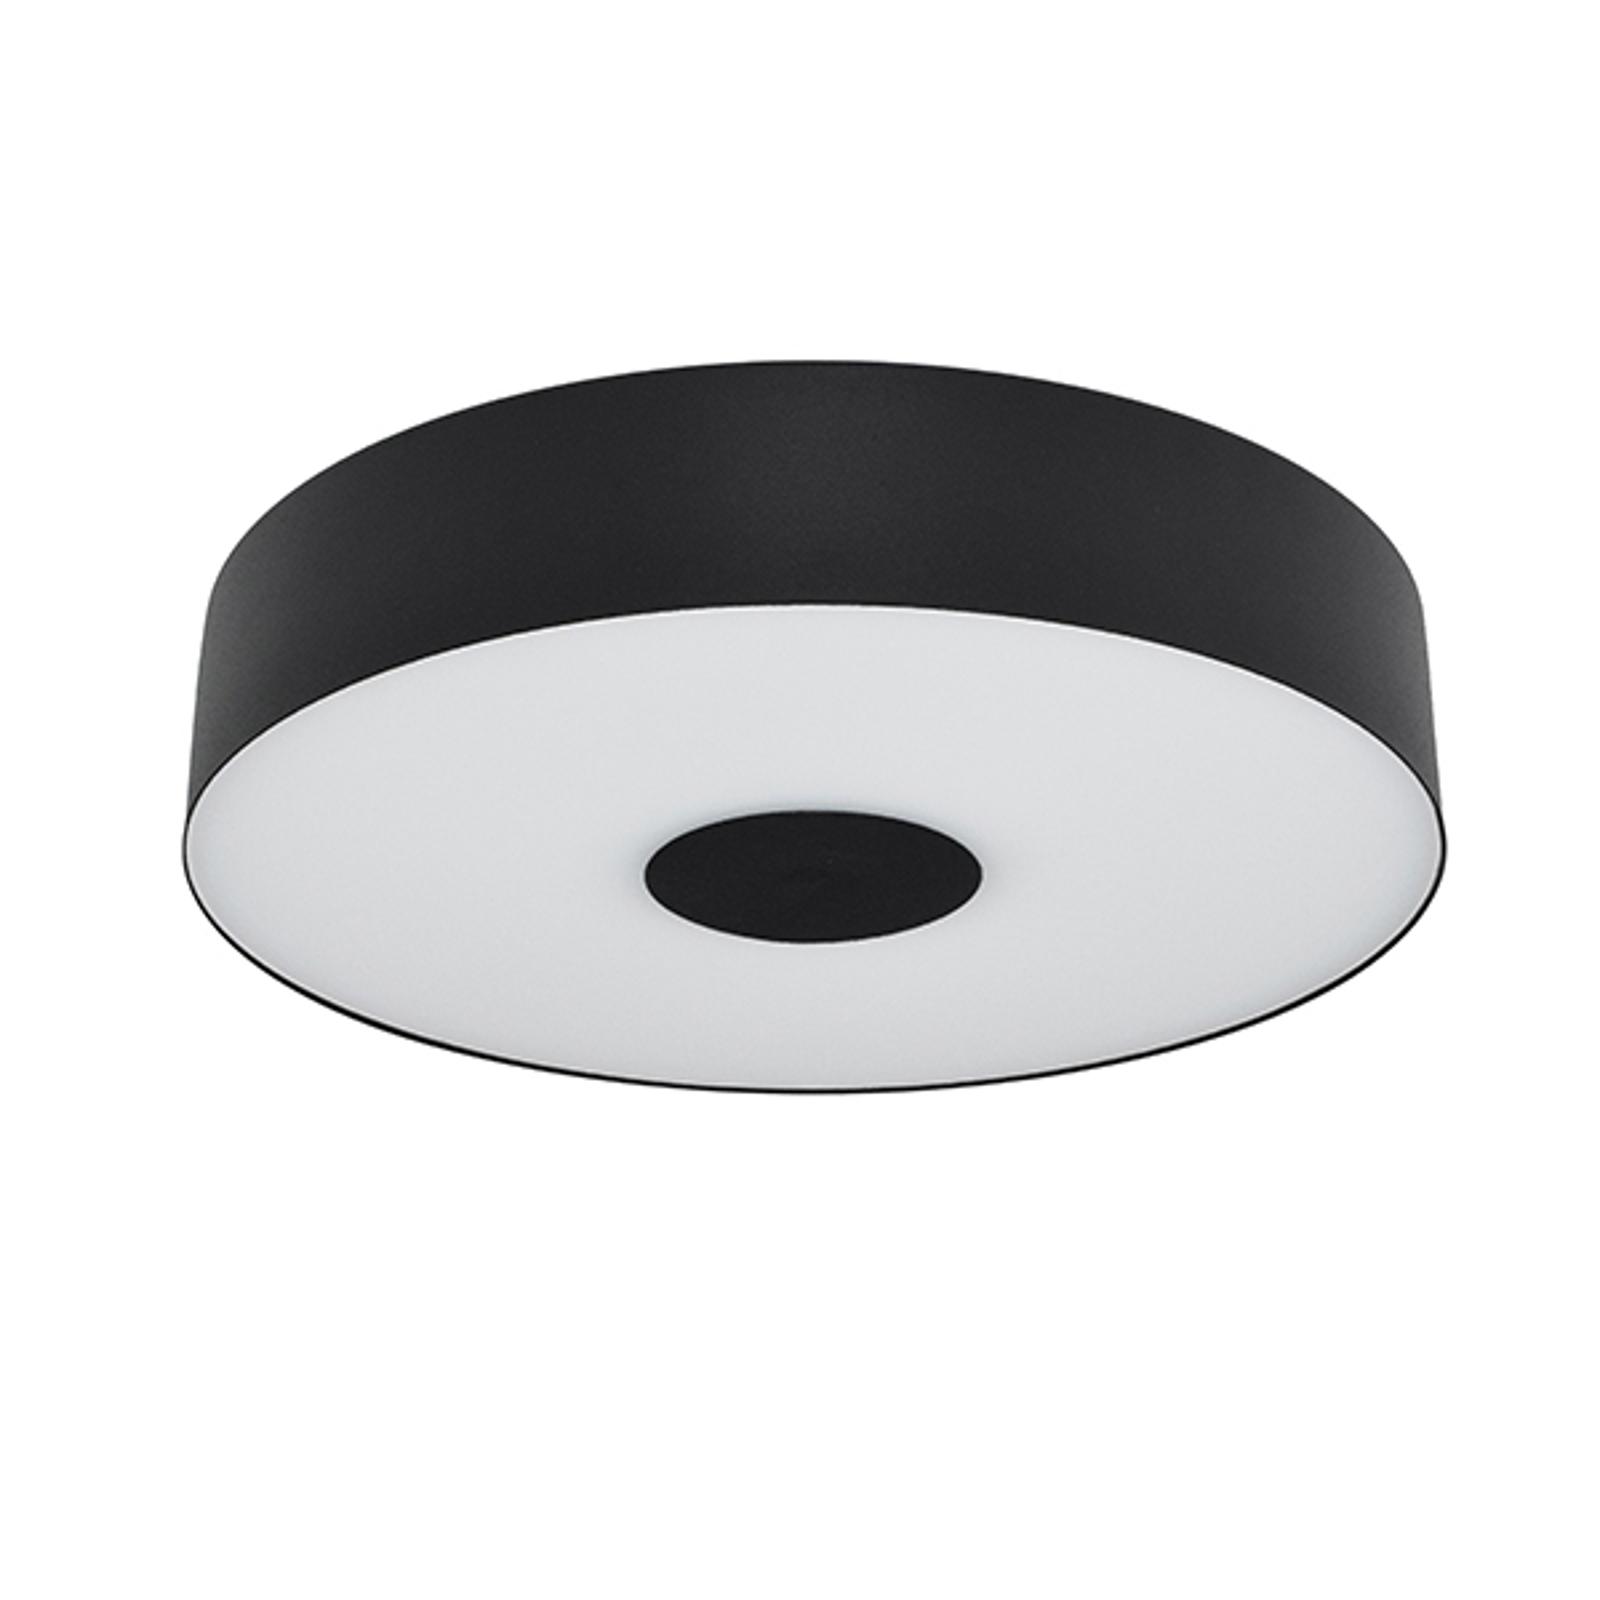 Plafonnier LED Cléopâtre en noir, Ø 40cm